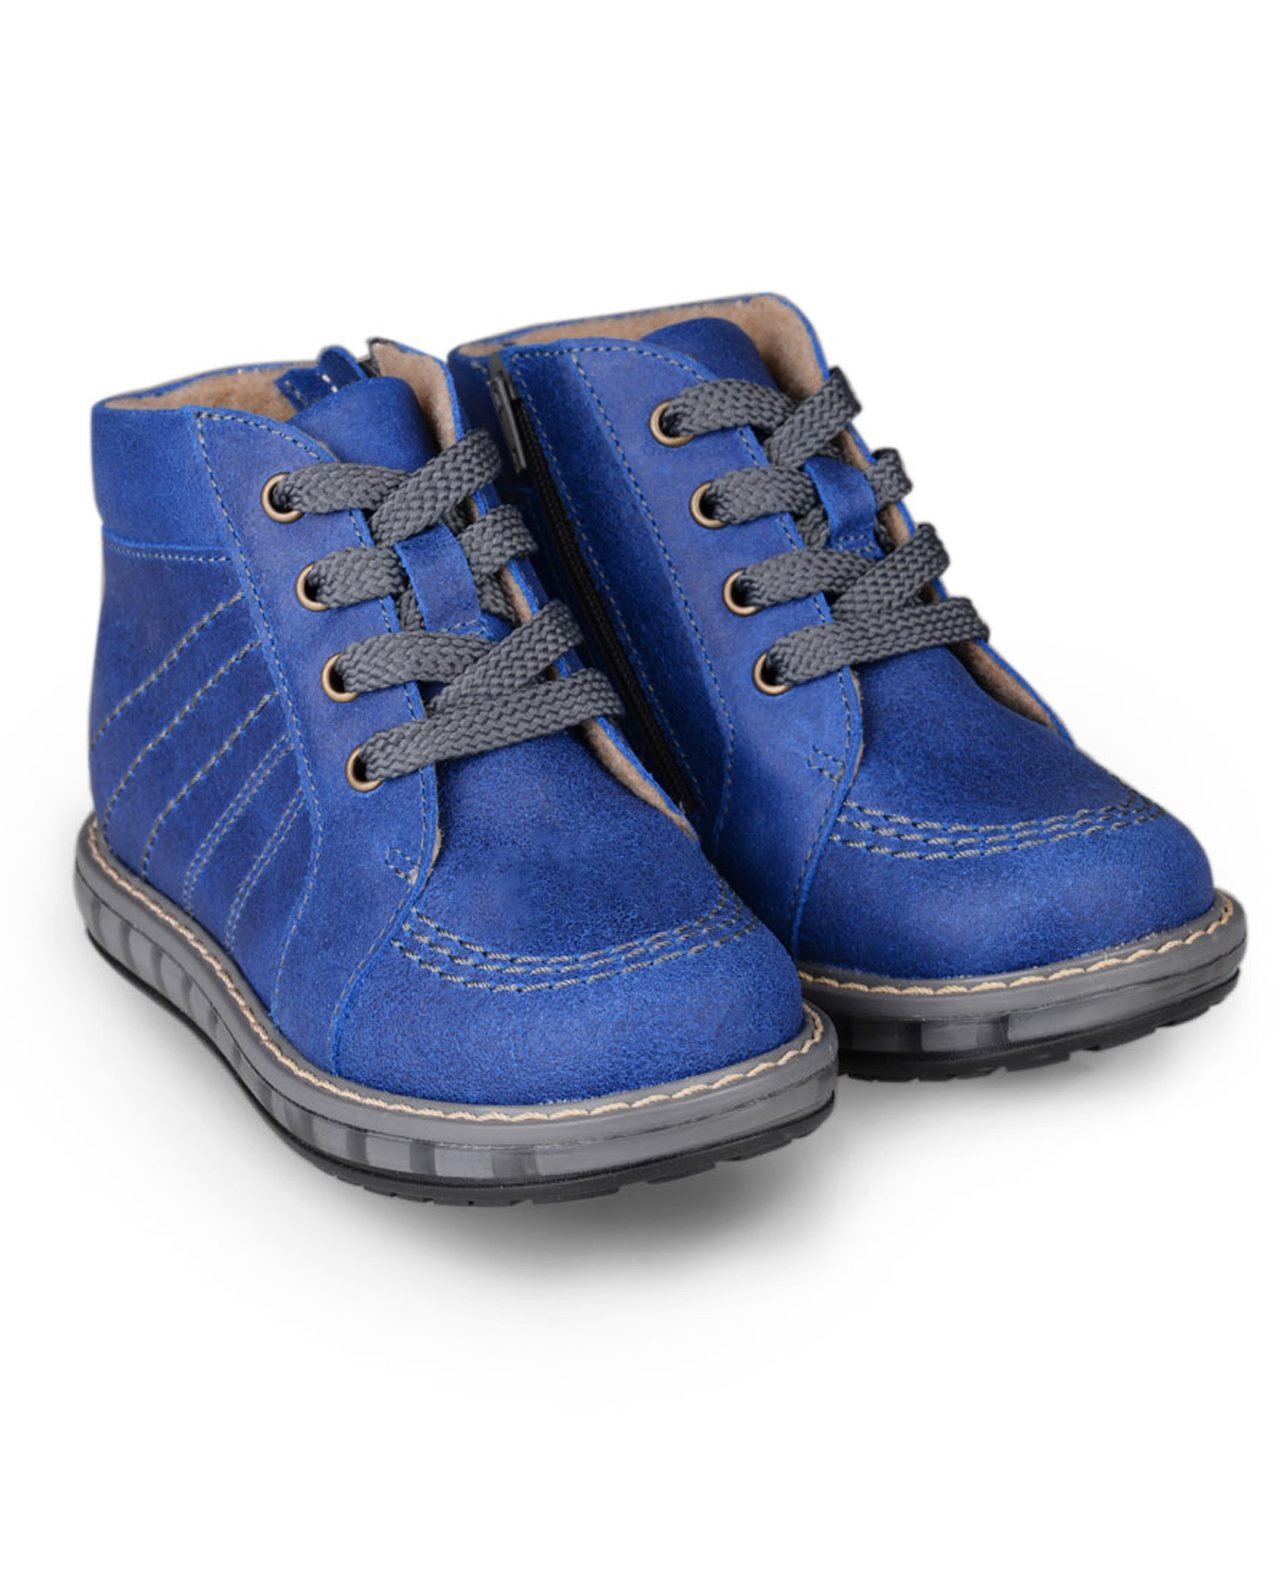 Ботинки Детские, Tapiboo АрктикаОсень<br>Ботинки утепленные. Многослойная, анатомическая <br>стелька для правильного формирования стопы. <br>Жесткий фиксирующий задник с удлиненным <br>крылом надежно стабилизирует голеностопный <br>сустав во время ходьбы. Упругая, умеренно-эластичная <br>подошва, имеющая перекат позволяющий повторить <br>естественное движение стопы при ходьбе <br>для правильного распределения нагрузки <br>на опорно-двигательный аппарат ребенка. <br>Подкладка из байки LANATEX поддерживает комфортную <br>температуру внутри обуви при погодных условиях <br>от +5 до -5 градусов. Для дополнительного <br>удобства полуботинки снабжены застежкой-молнией, <br>что позволяет легко, не расшнуровывая, снимать <br>и надевать обувь.<br>Размер INT: M; Цвет: Красный; Ширина: 100; Высота: 200; Вес: 1000;